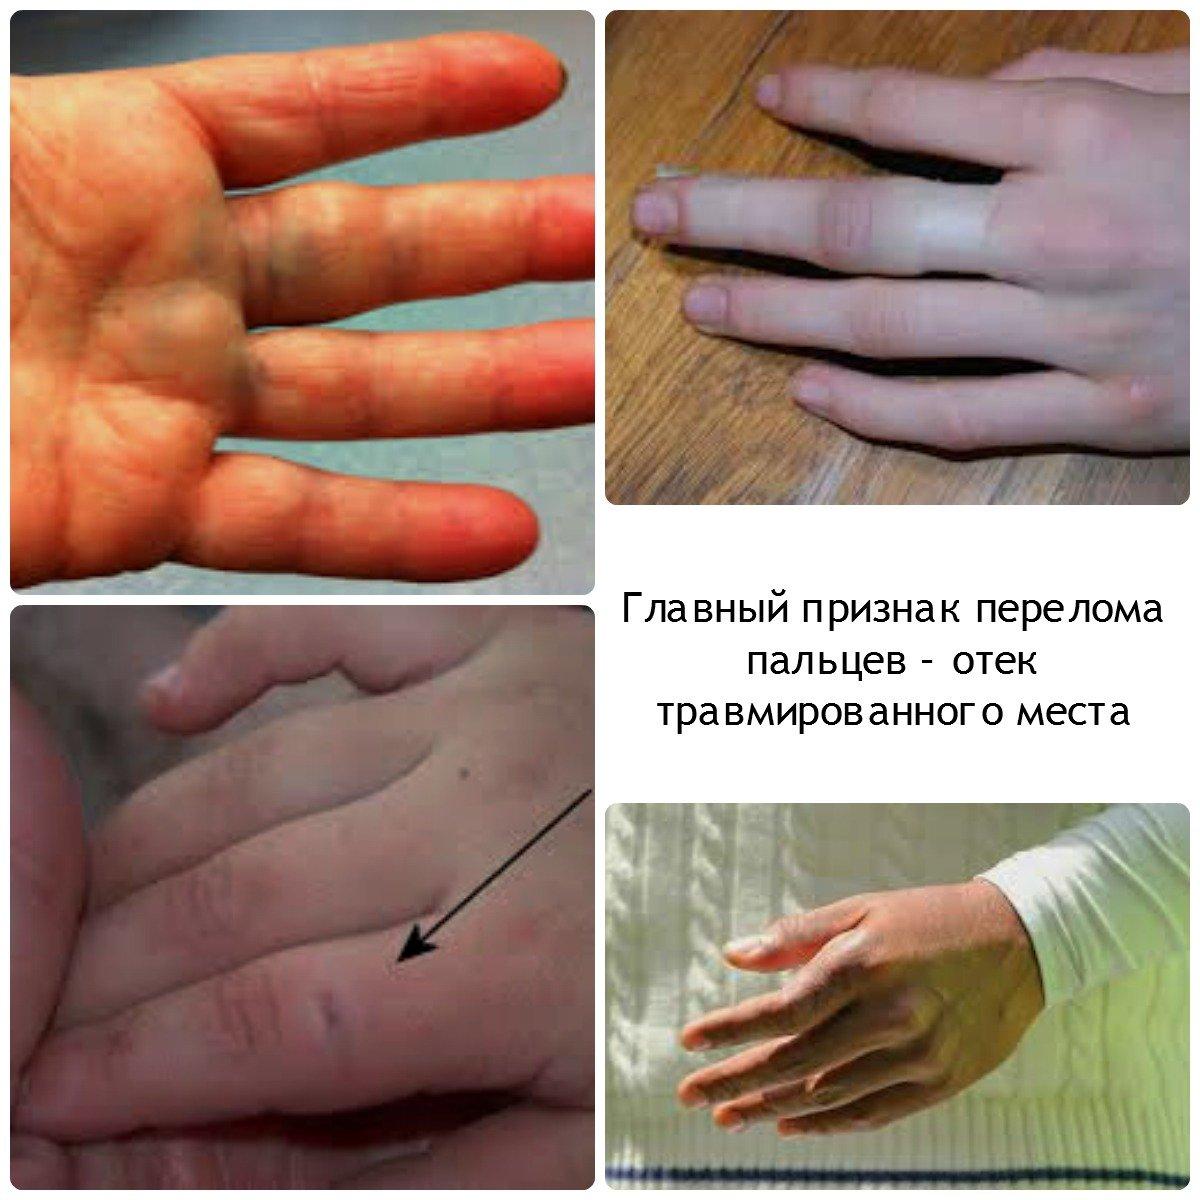 Разработка пальцев после суставного перелома сломанный сустав